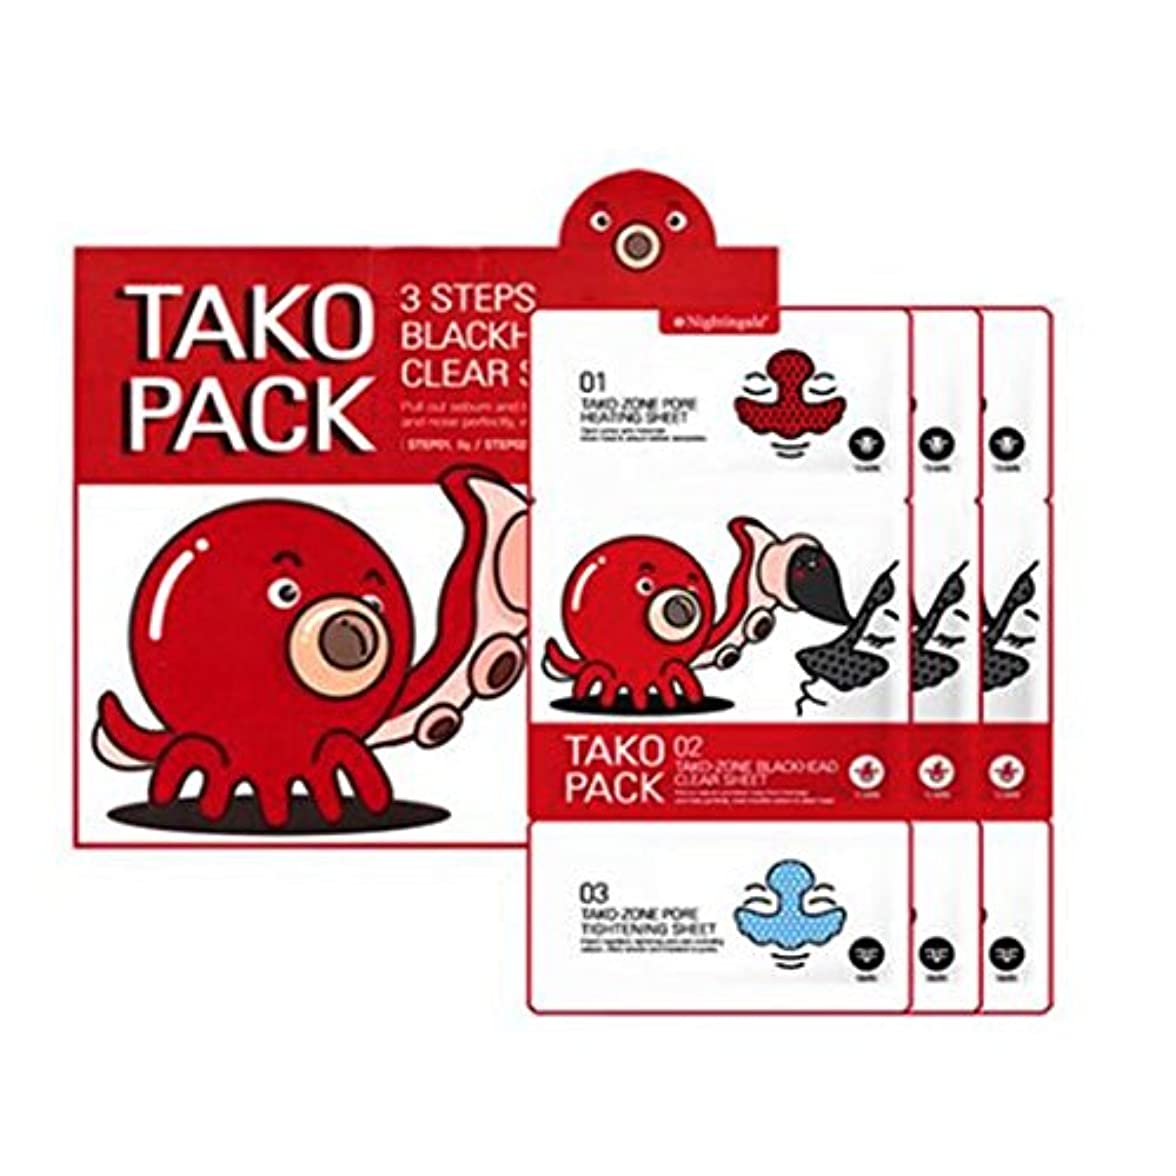 アカデミークルーズ墓地Nightingale 3Step Tako Pack 3EA/ナイチンゲール 3ステップ タコ パック [タコ吸着パック] 3回分 [並行輸入品]